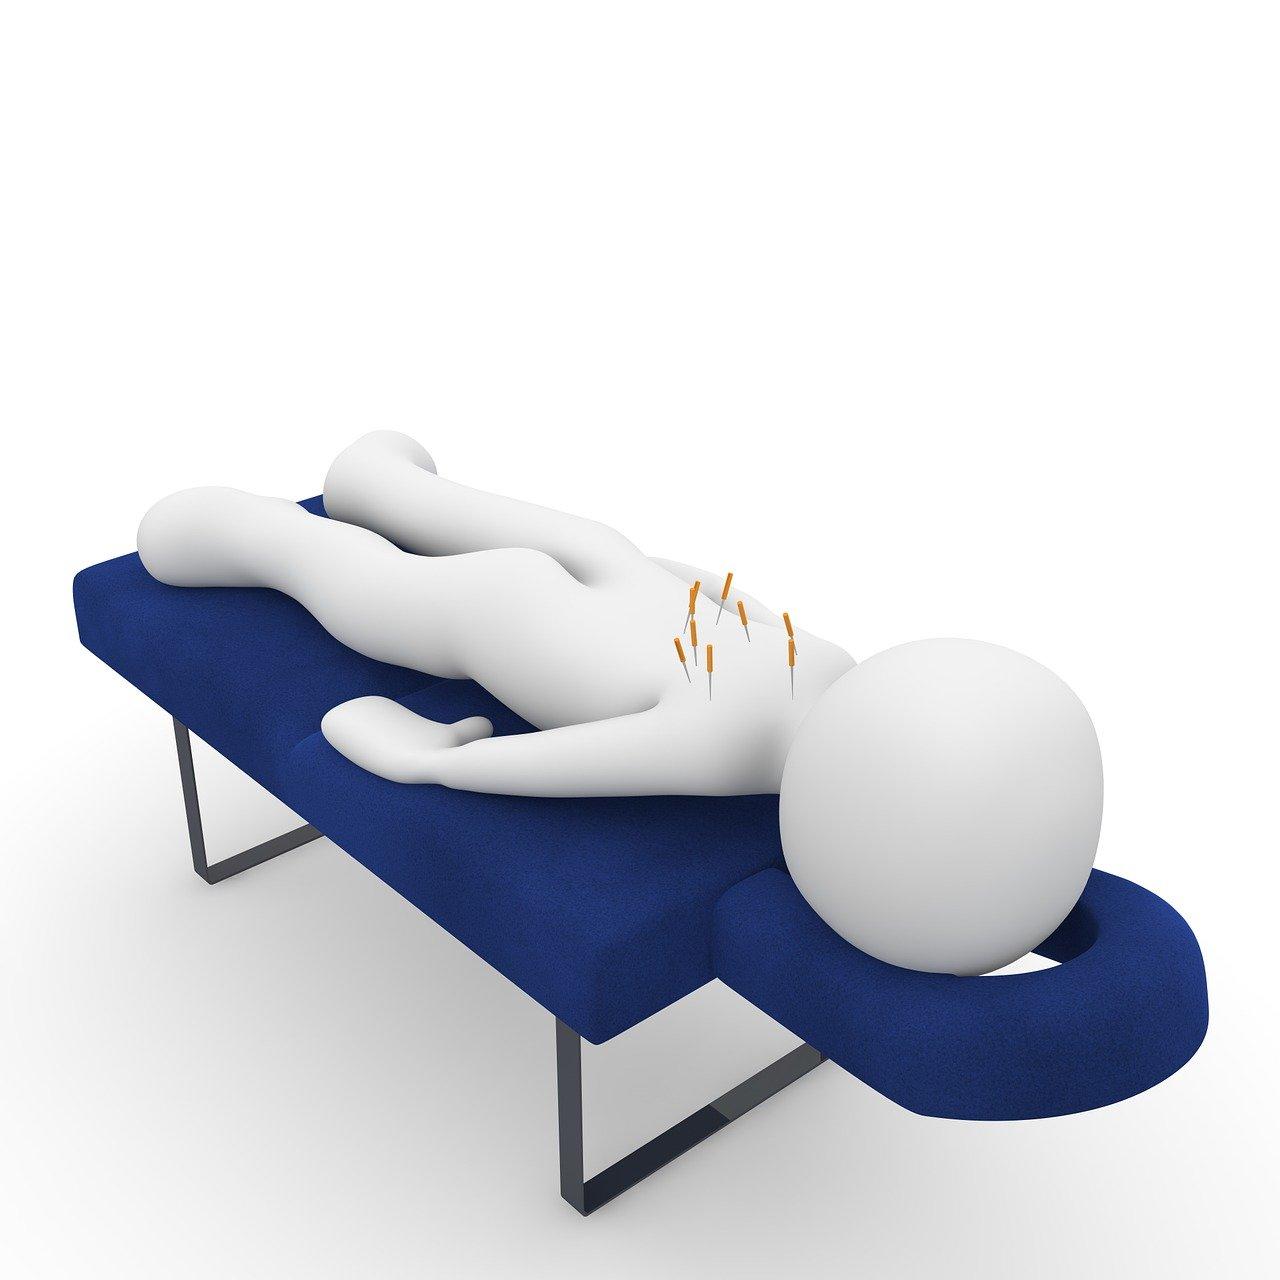 Fysiotherapie Kinderfysiotherapie Delft fysiotherapie spieren